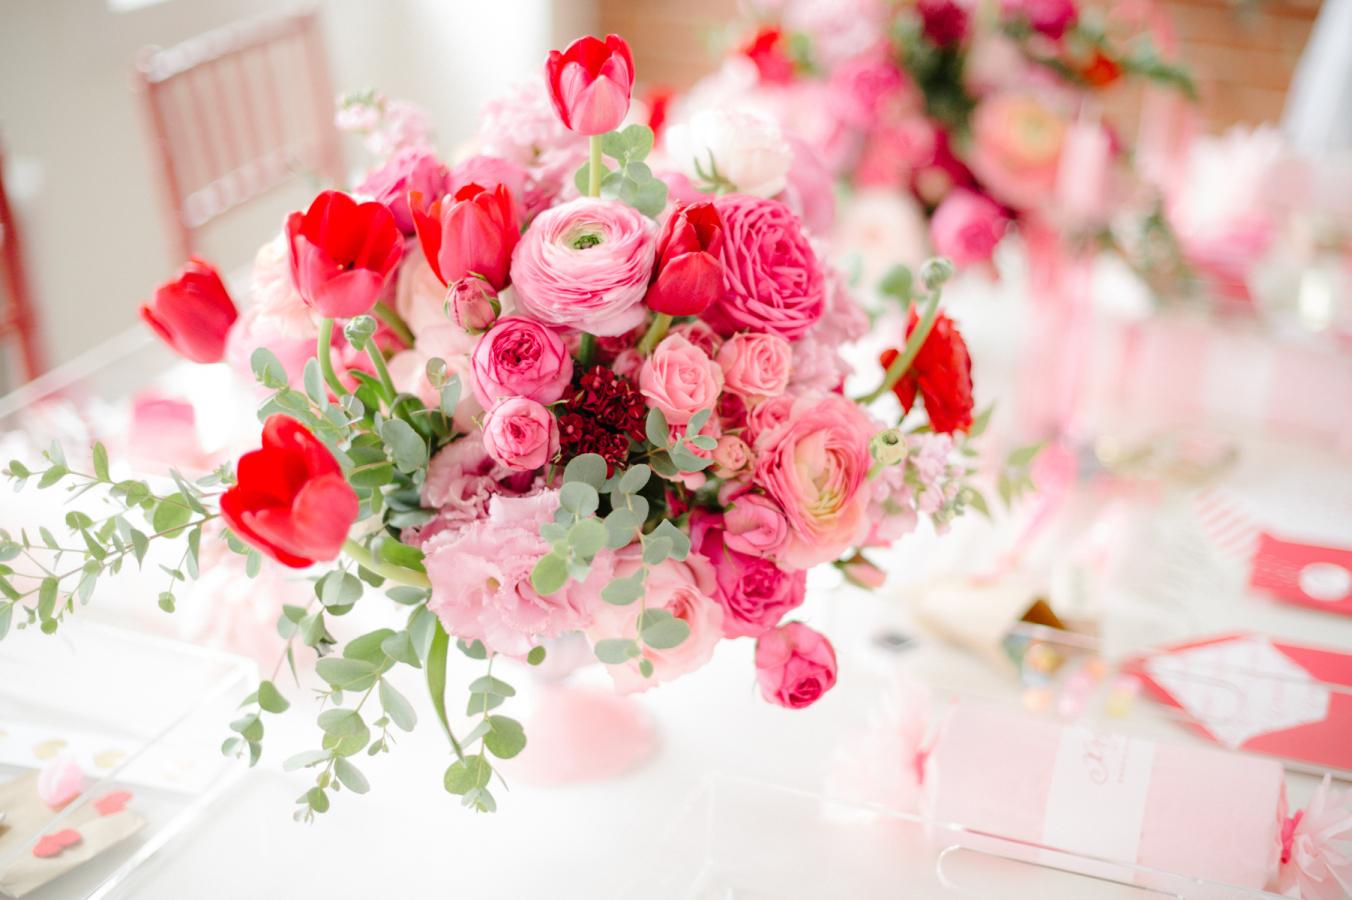 Romantisch diner met valentijn 10x decoratie voor de tafel - Decoratie afbeelding ...